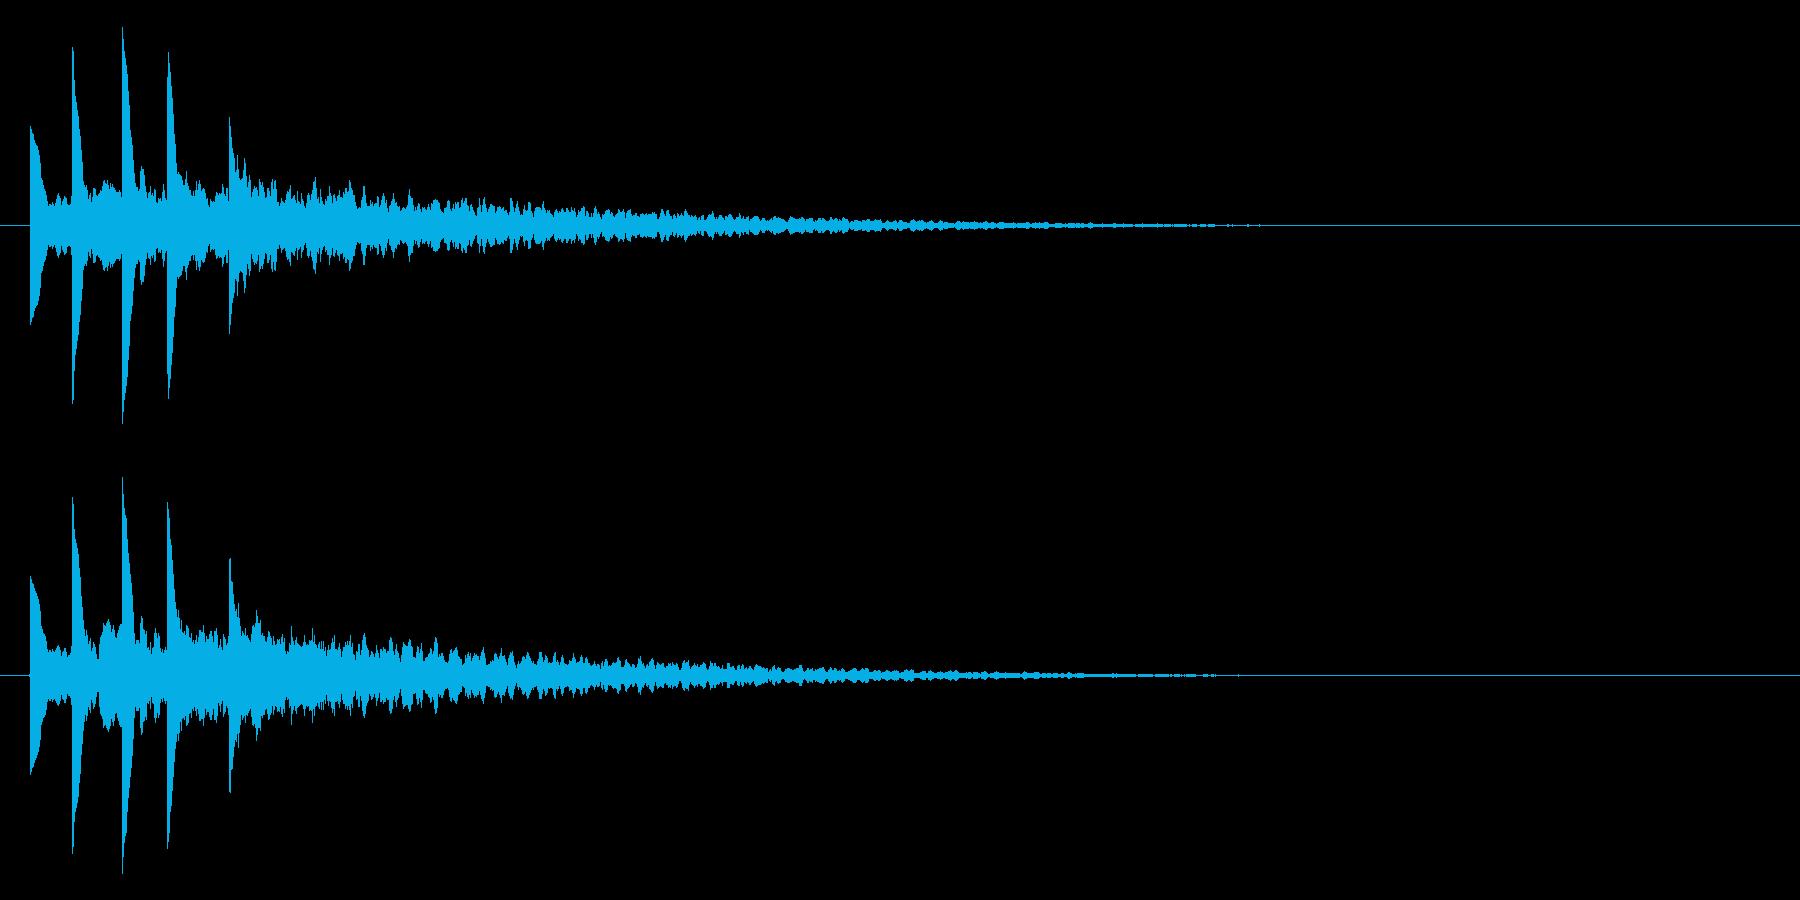 パソコンの起動音風ジングル3の再生済みの波形